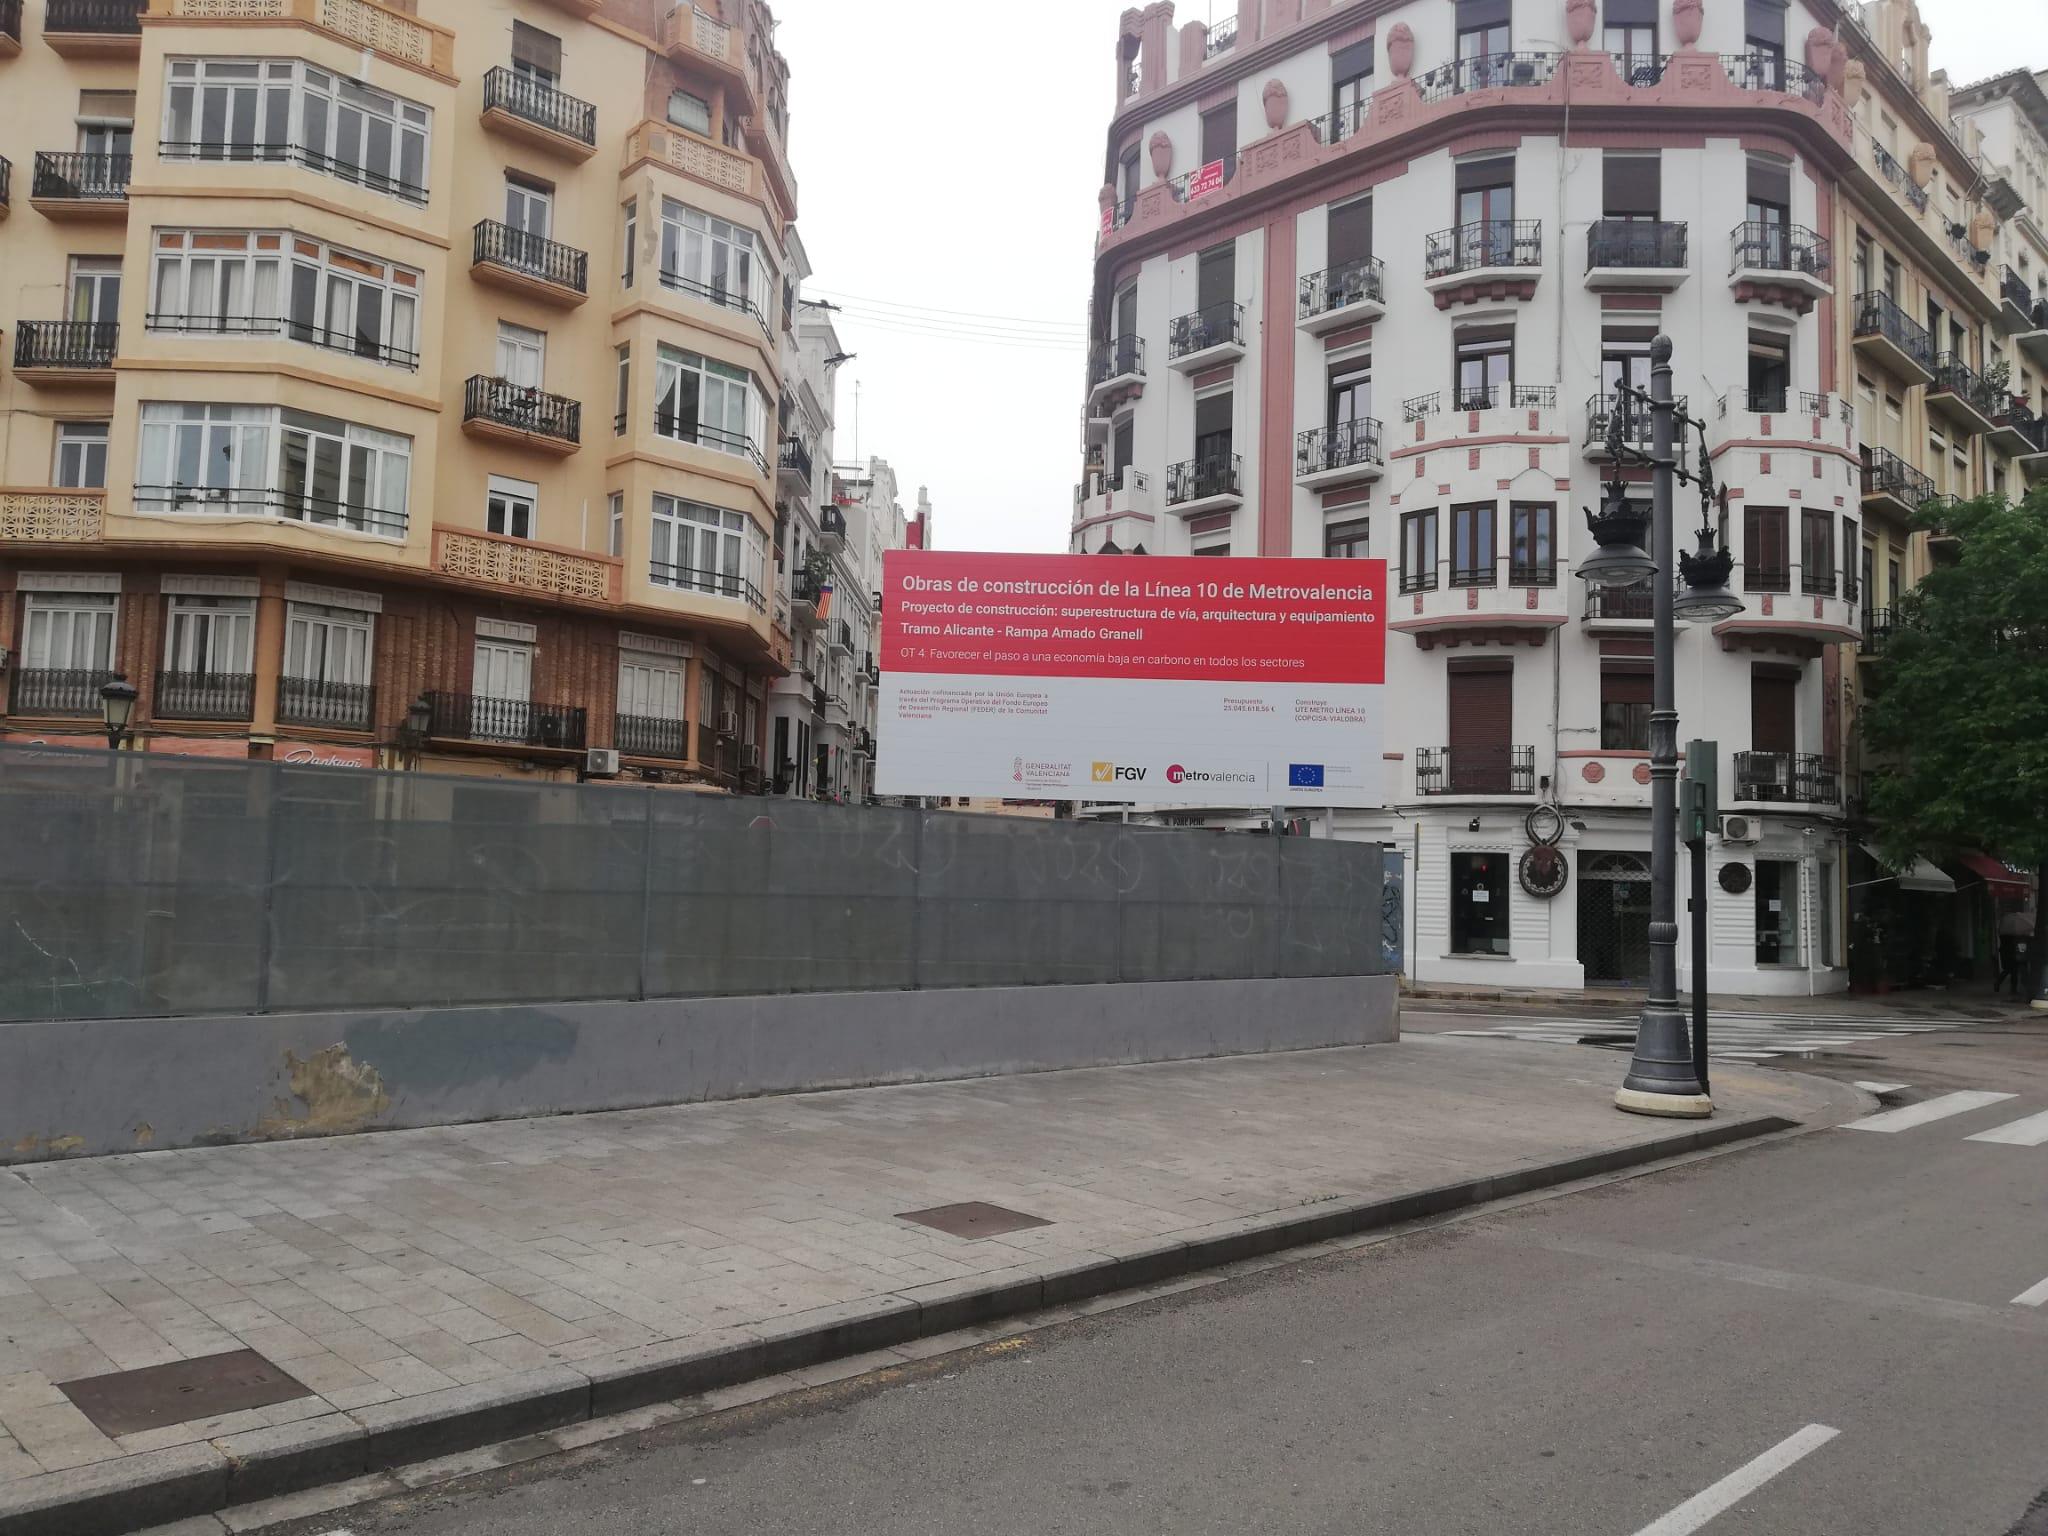 La Generalitat ejecuta las primeras actuaciones en el tramo subterráneo de la futura Línea 10 de Metrovalencia